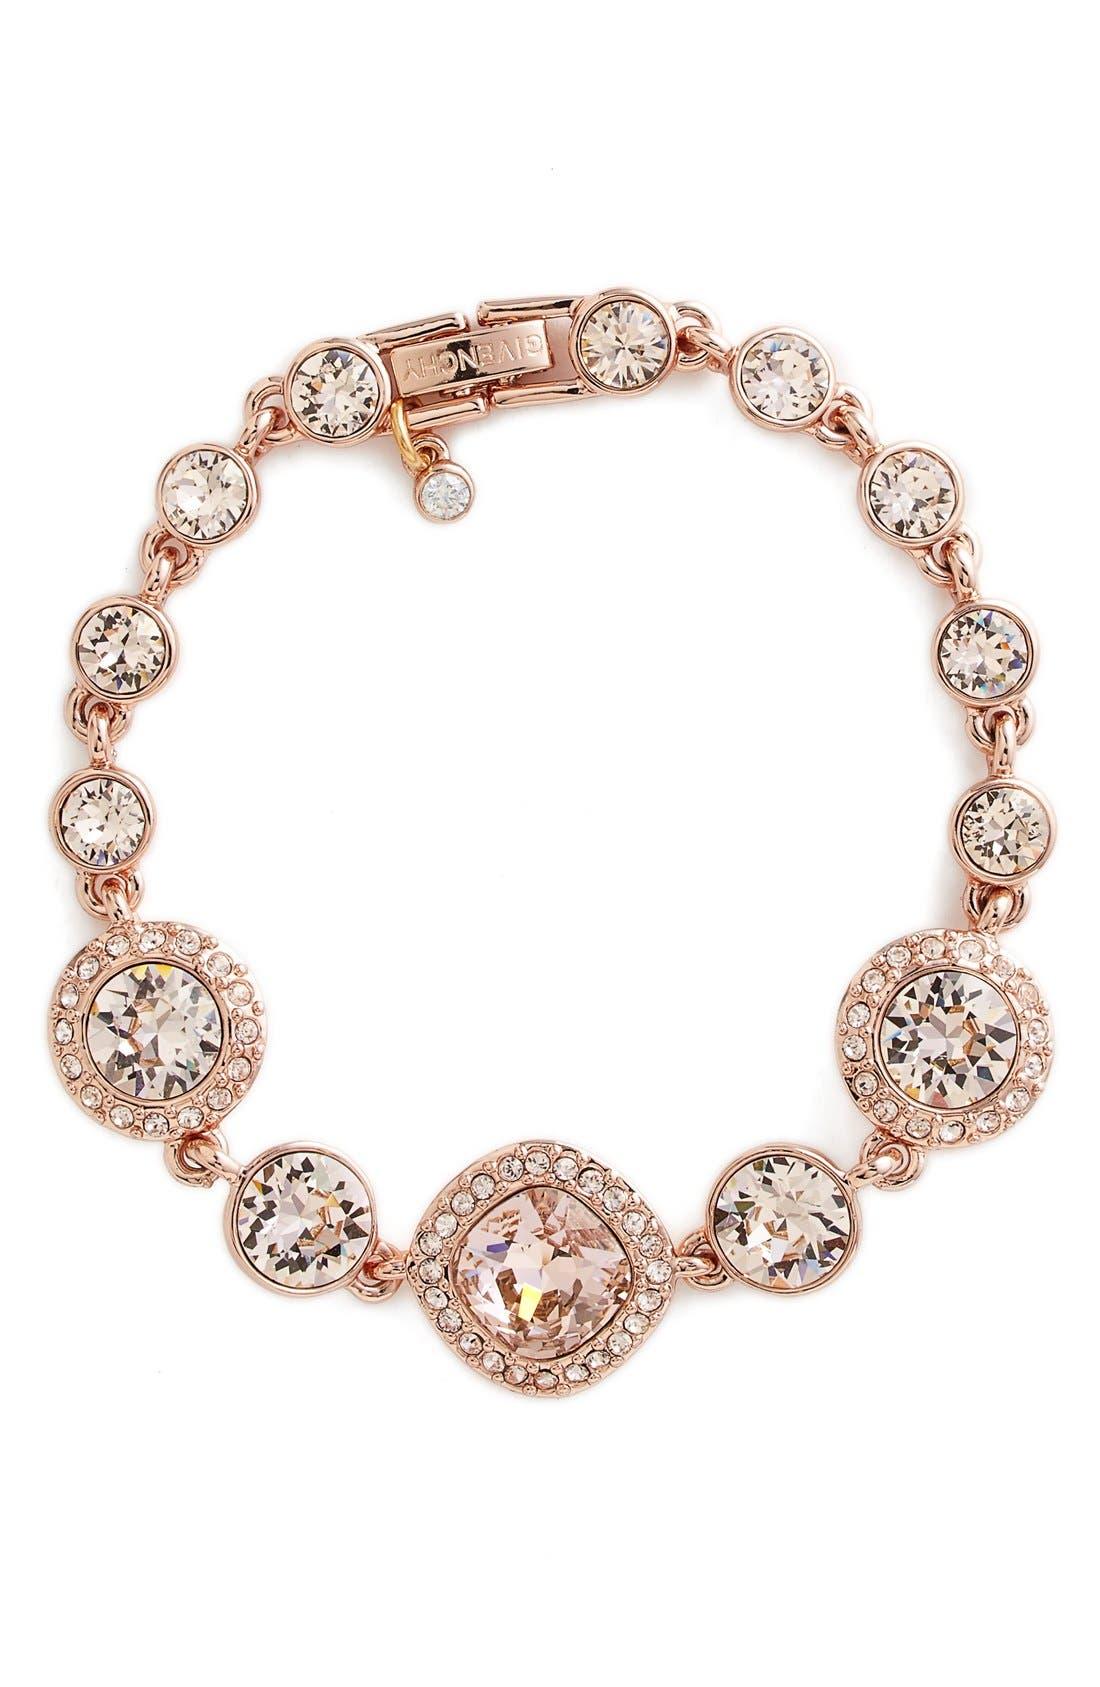 Alternate Image 1 Selected - Givenchy Crystal Line Bracelet